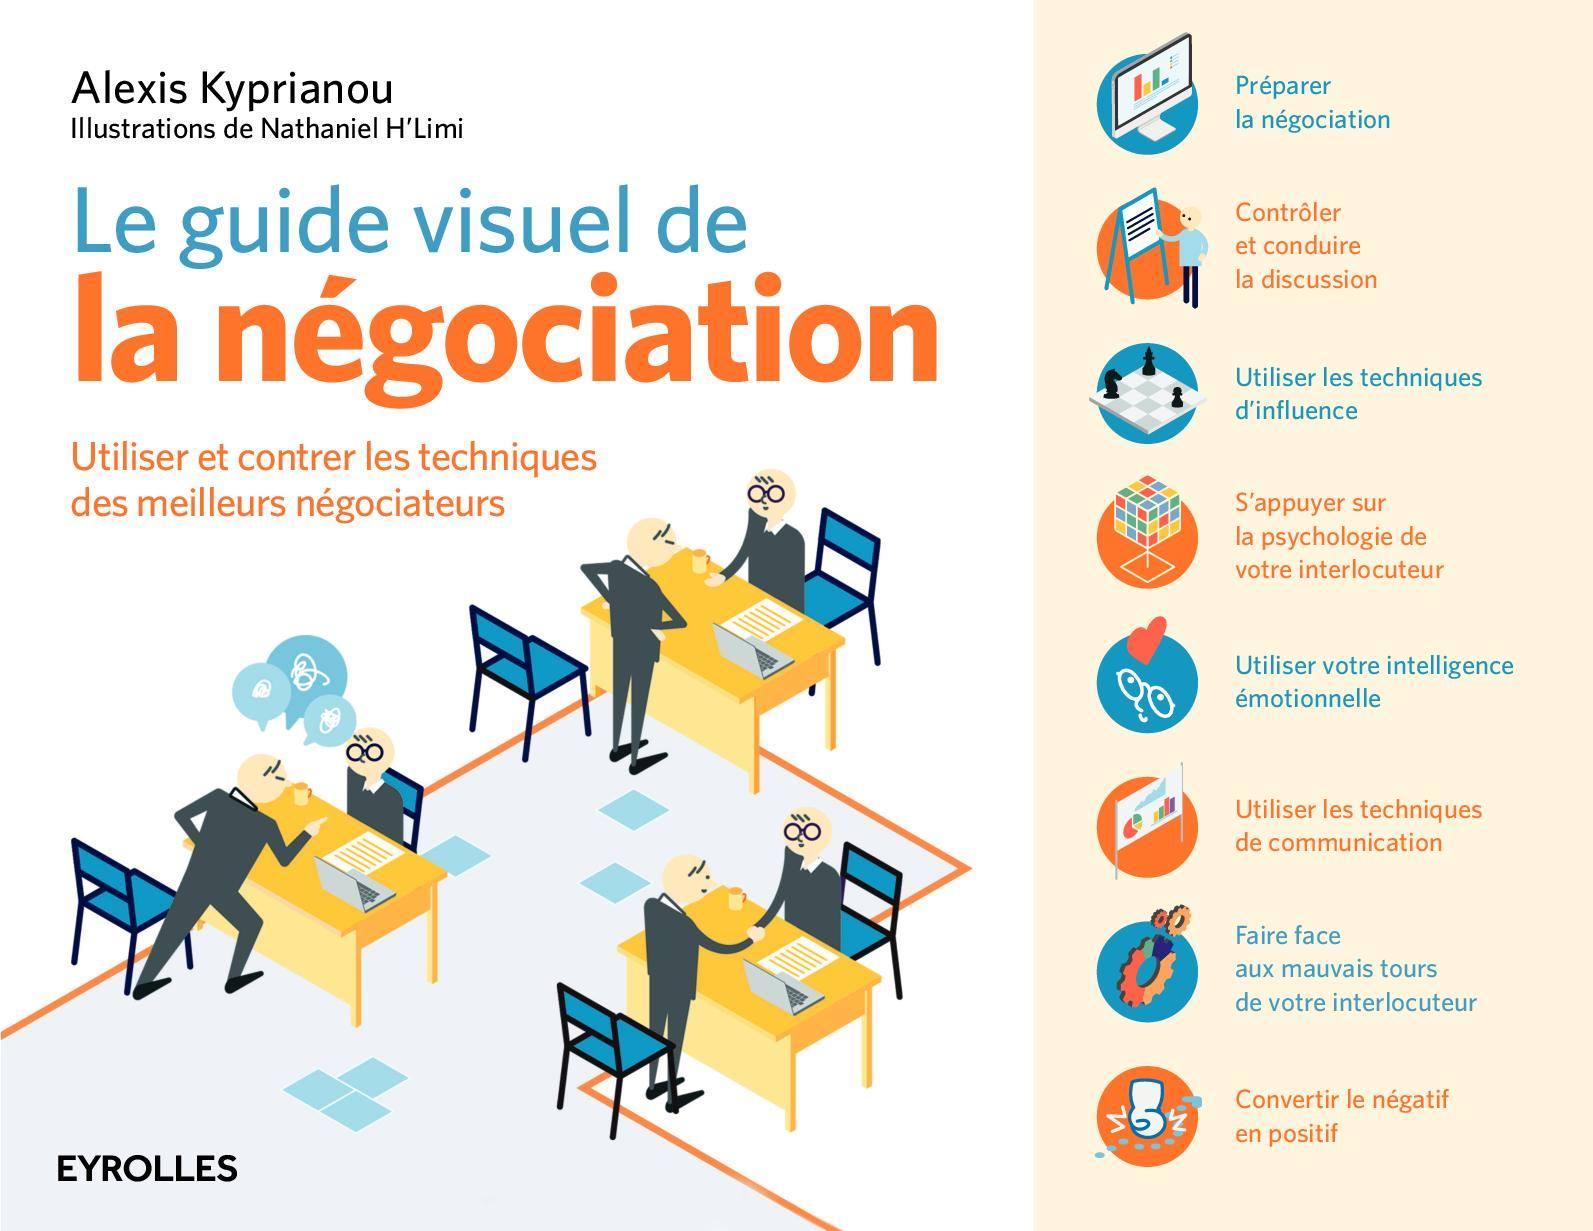 grande biblioth u00e8que   le guide visuel de la n u00e9gociation en pdf